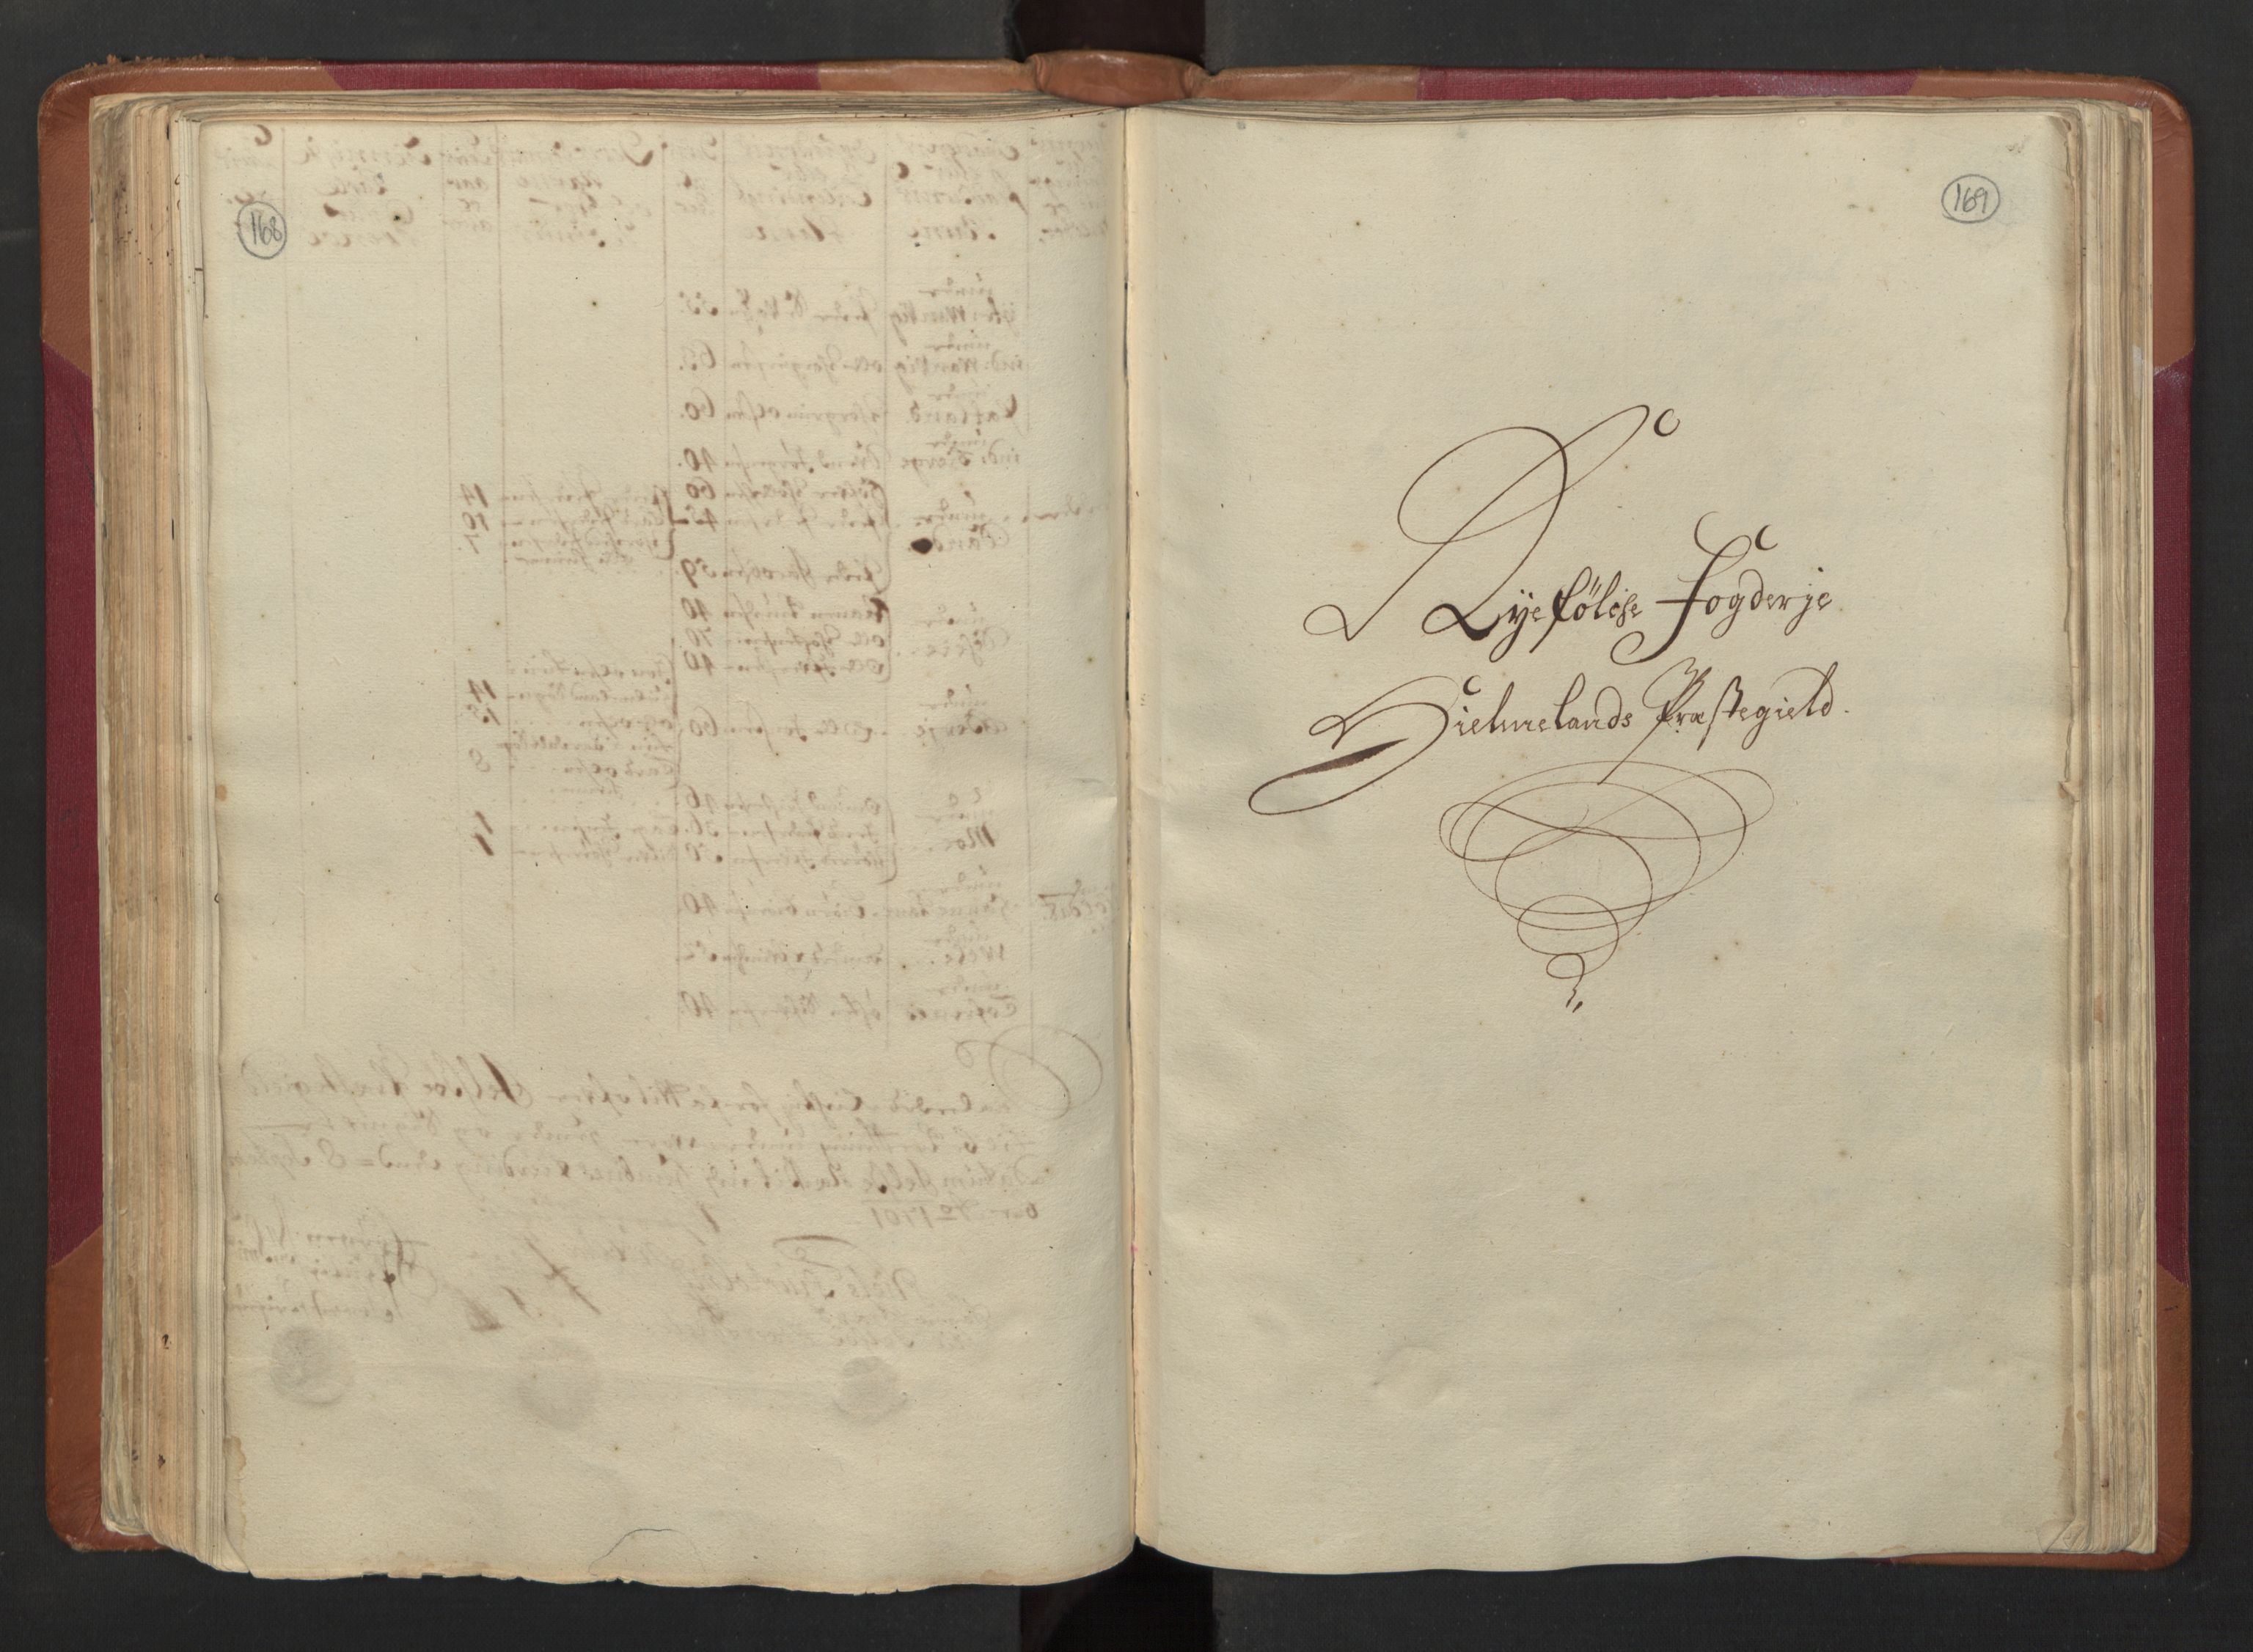 RA, Manntallet 1701, nr. 5: Ryfylke fogderi, 1701, s. 168-169